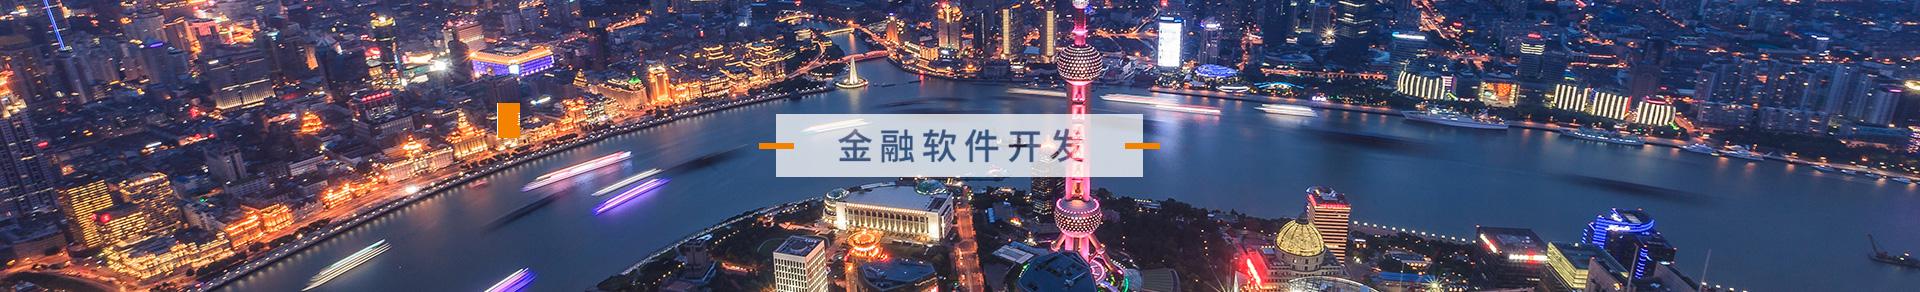 http://www.angel-tech.cn/data/upload/202012/20201207103253_319.jpg